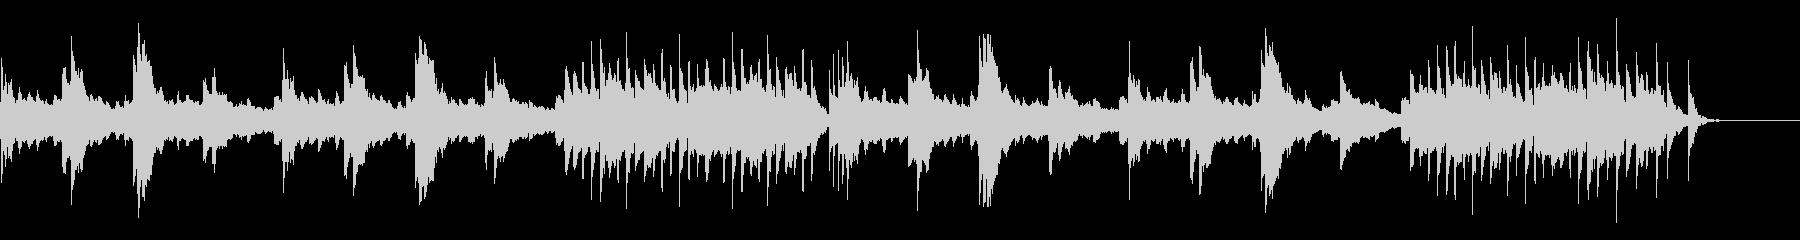 琴を使った和風なイージーリスニングです。の未再生の波形